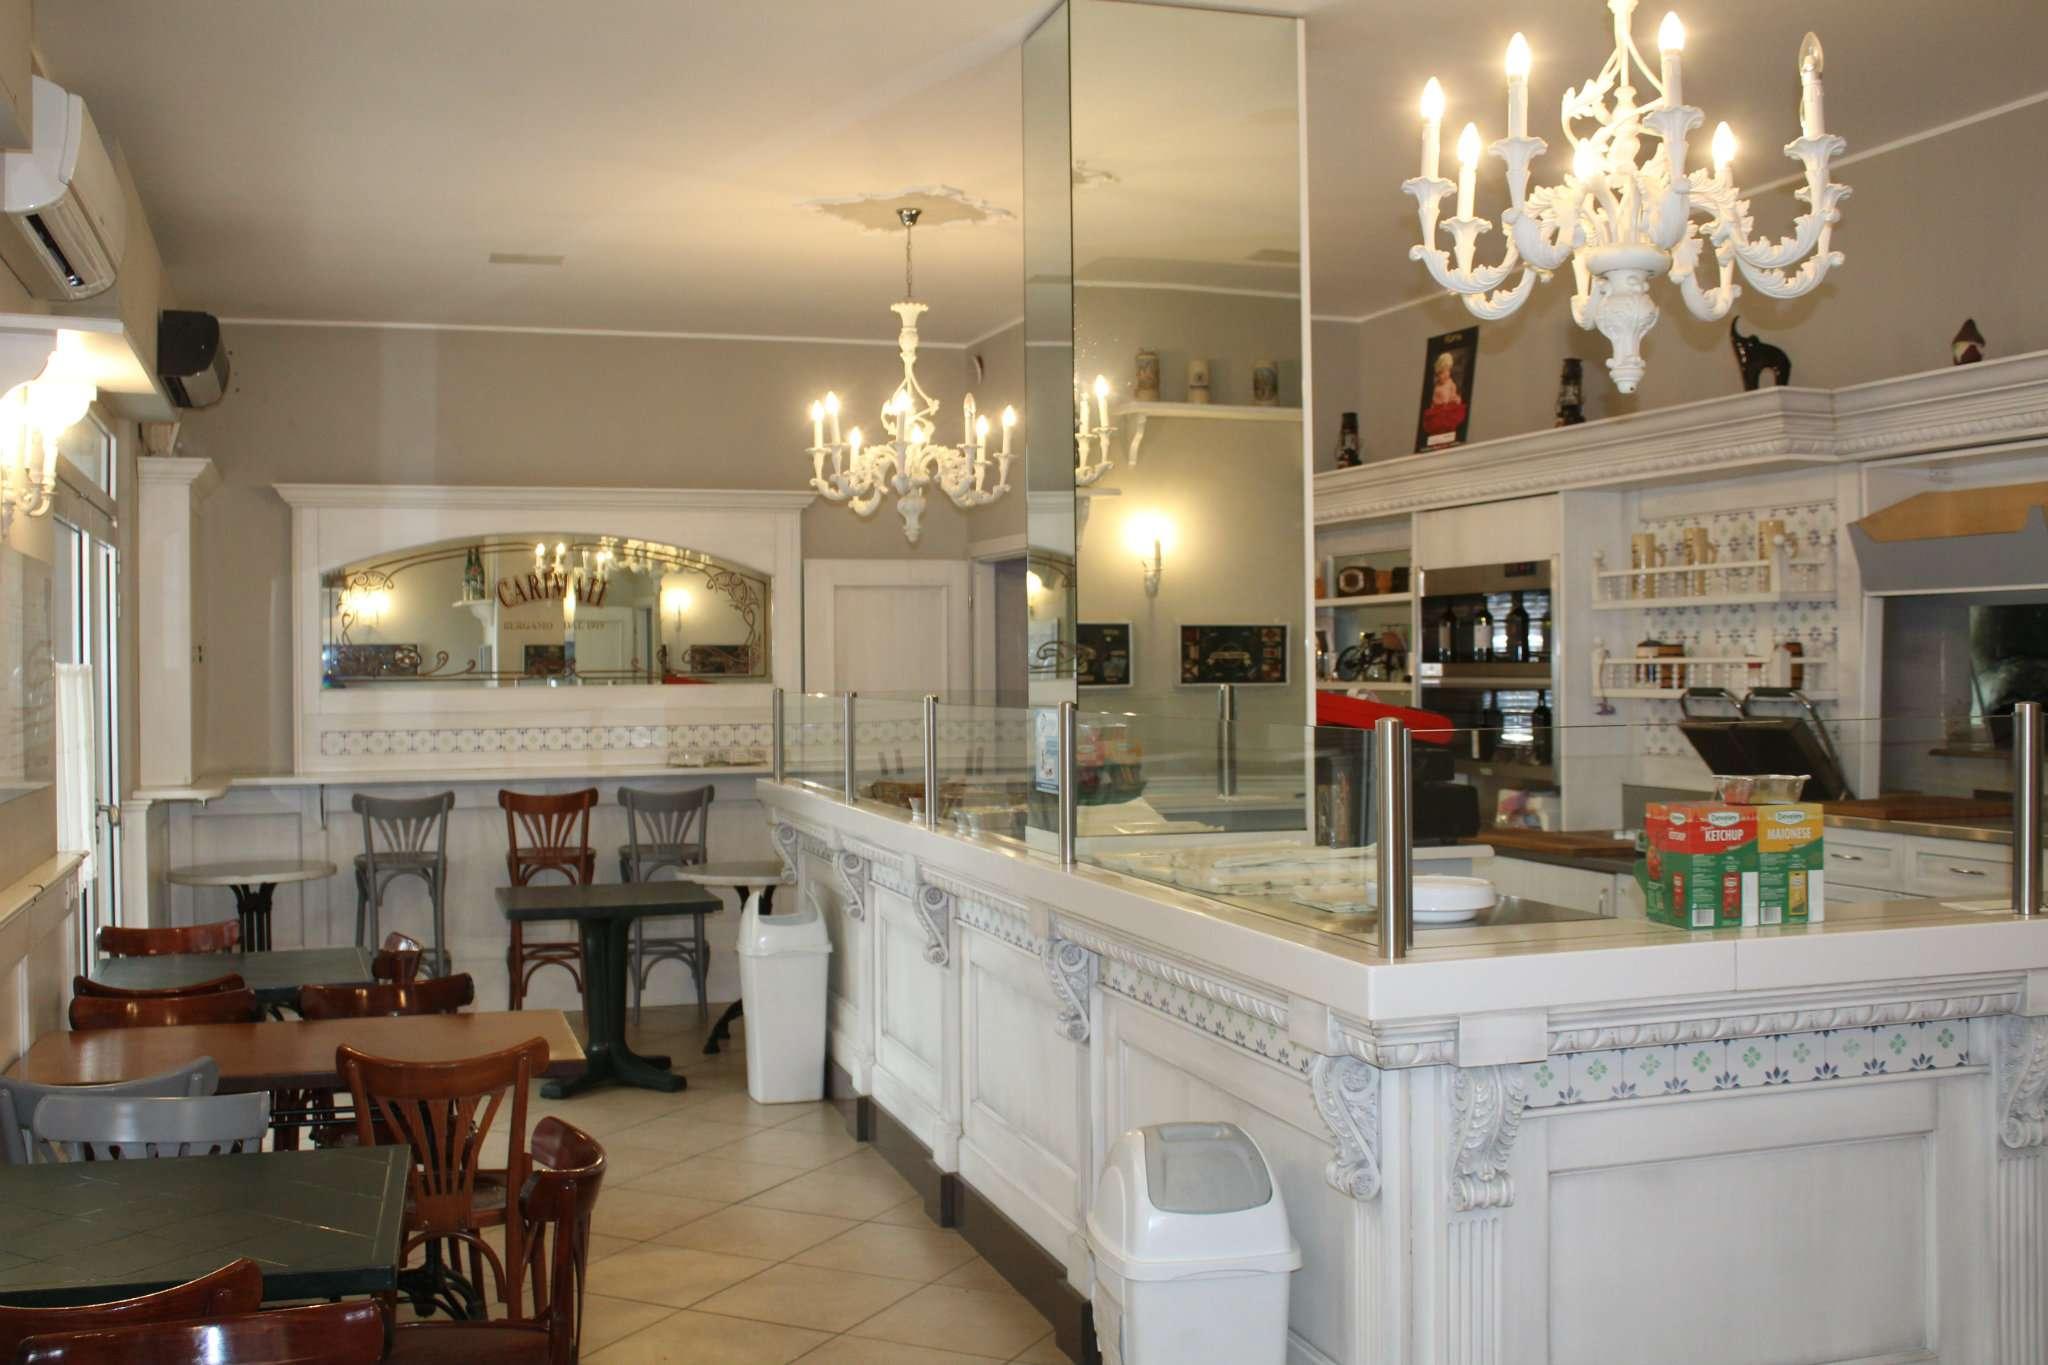 Ristorante / Pizzeria / Trattoria in vendita a Andria, 1 locali, prezzo € 27.000 | PortaleAgenzieImmobiliari.it